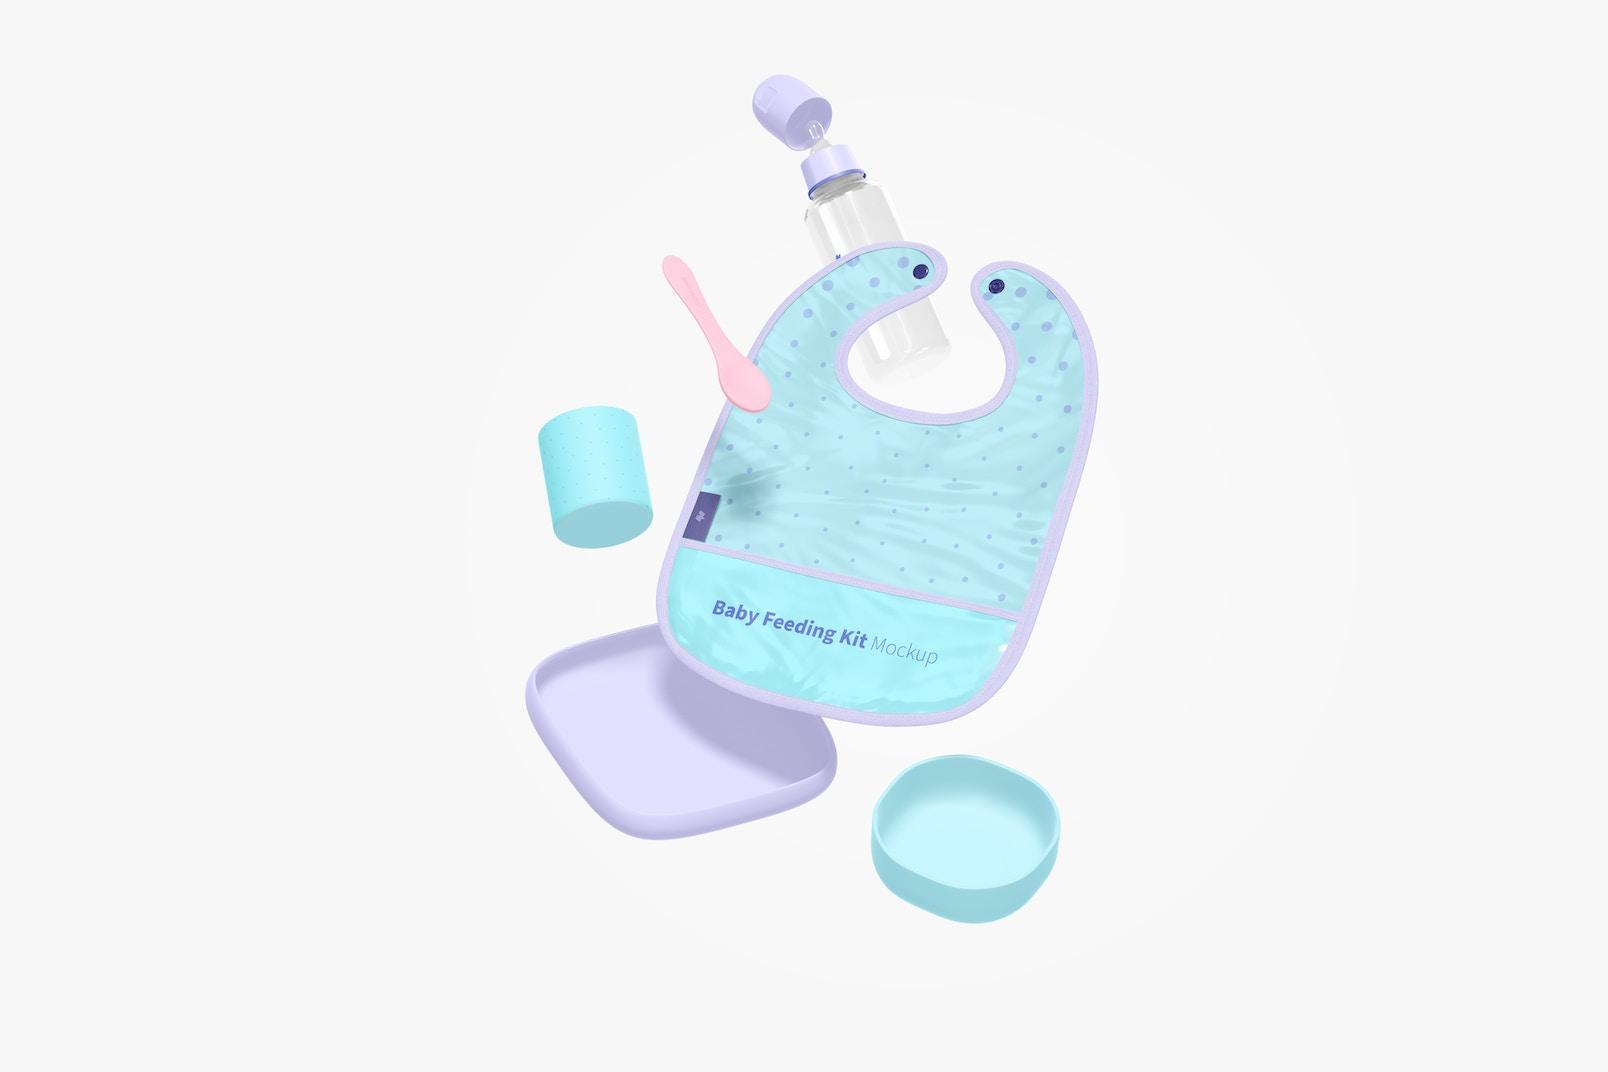 Baby Feeding Kit Mockup, Floating